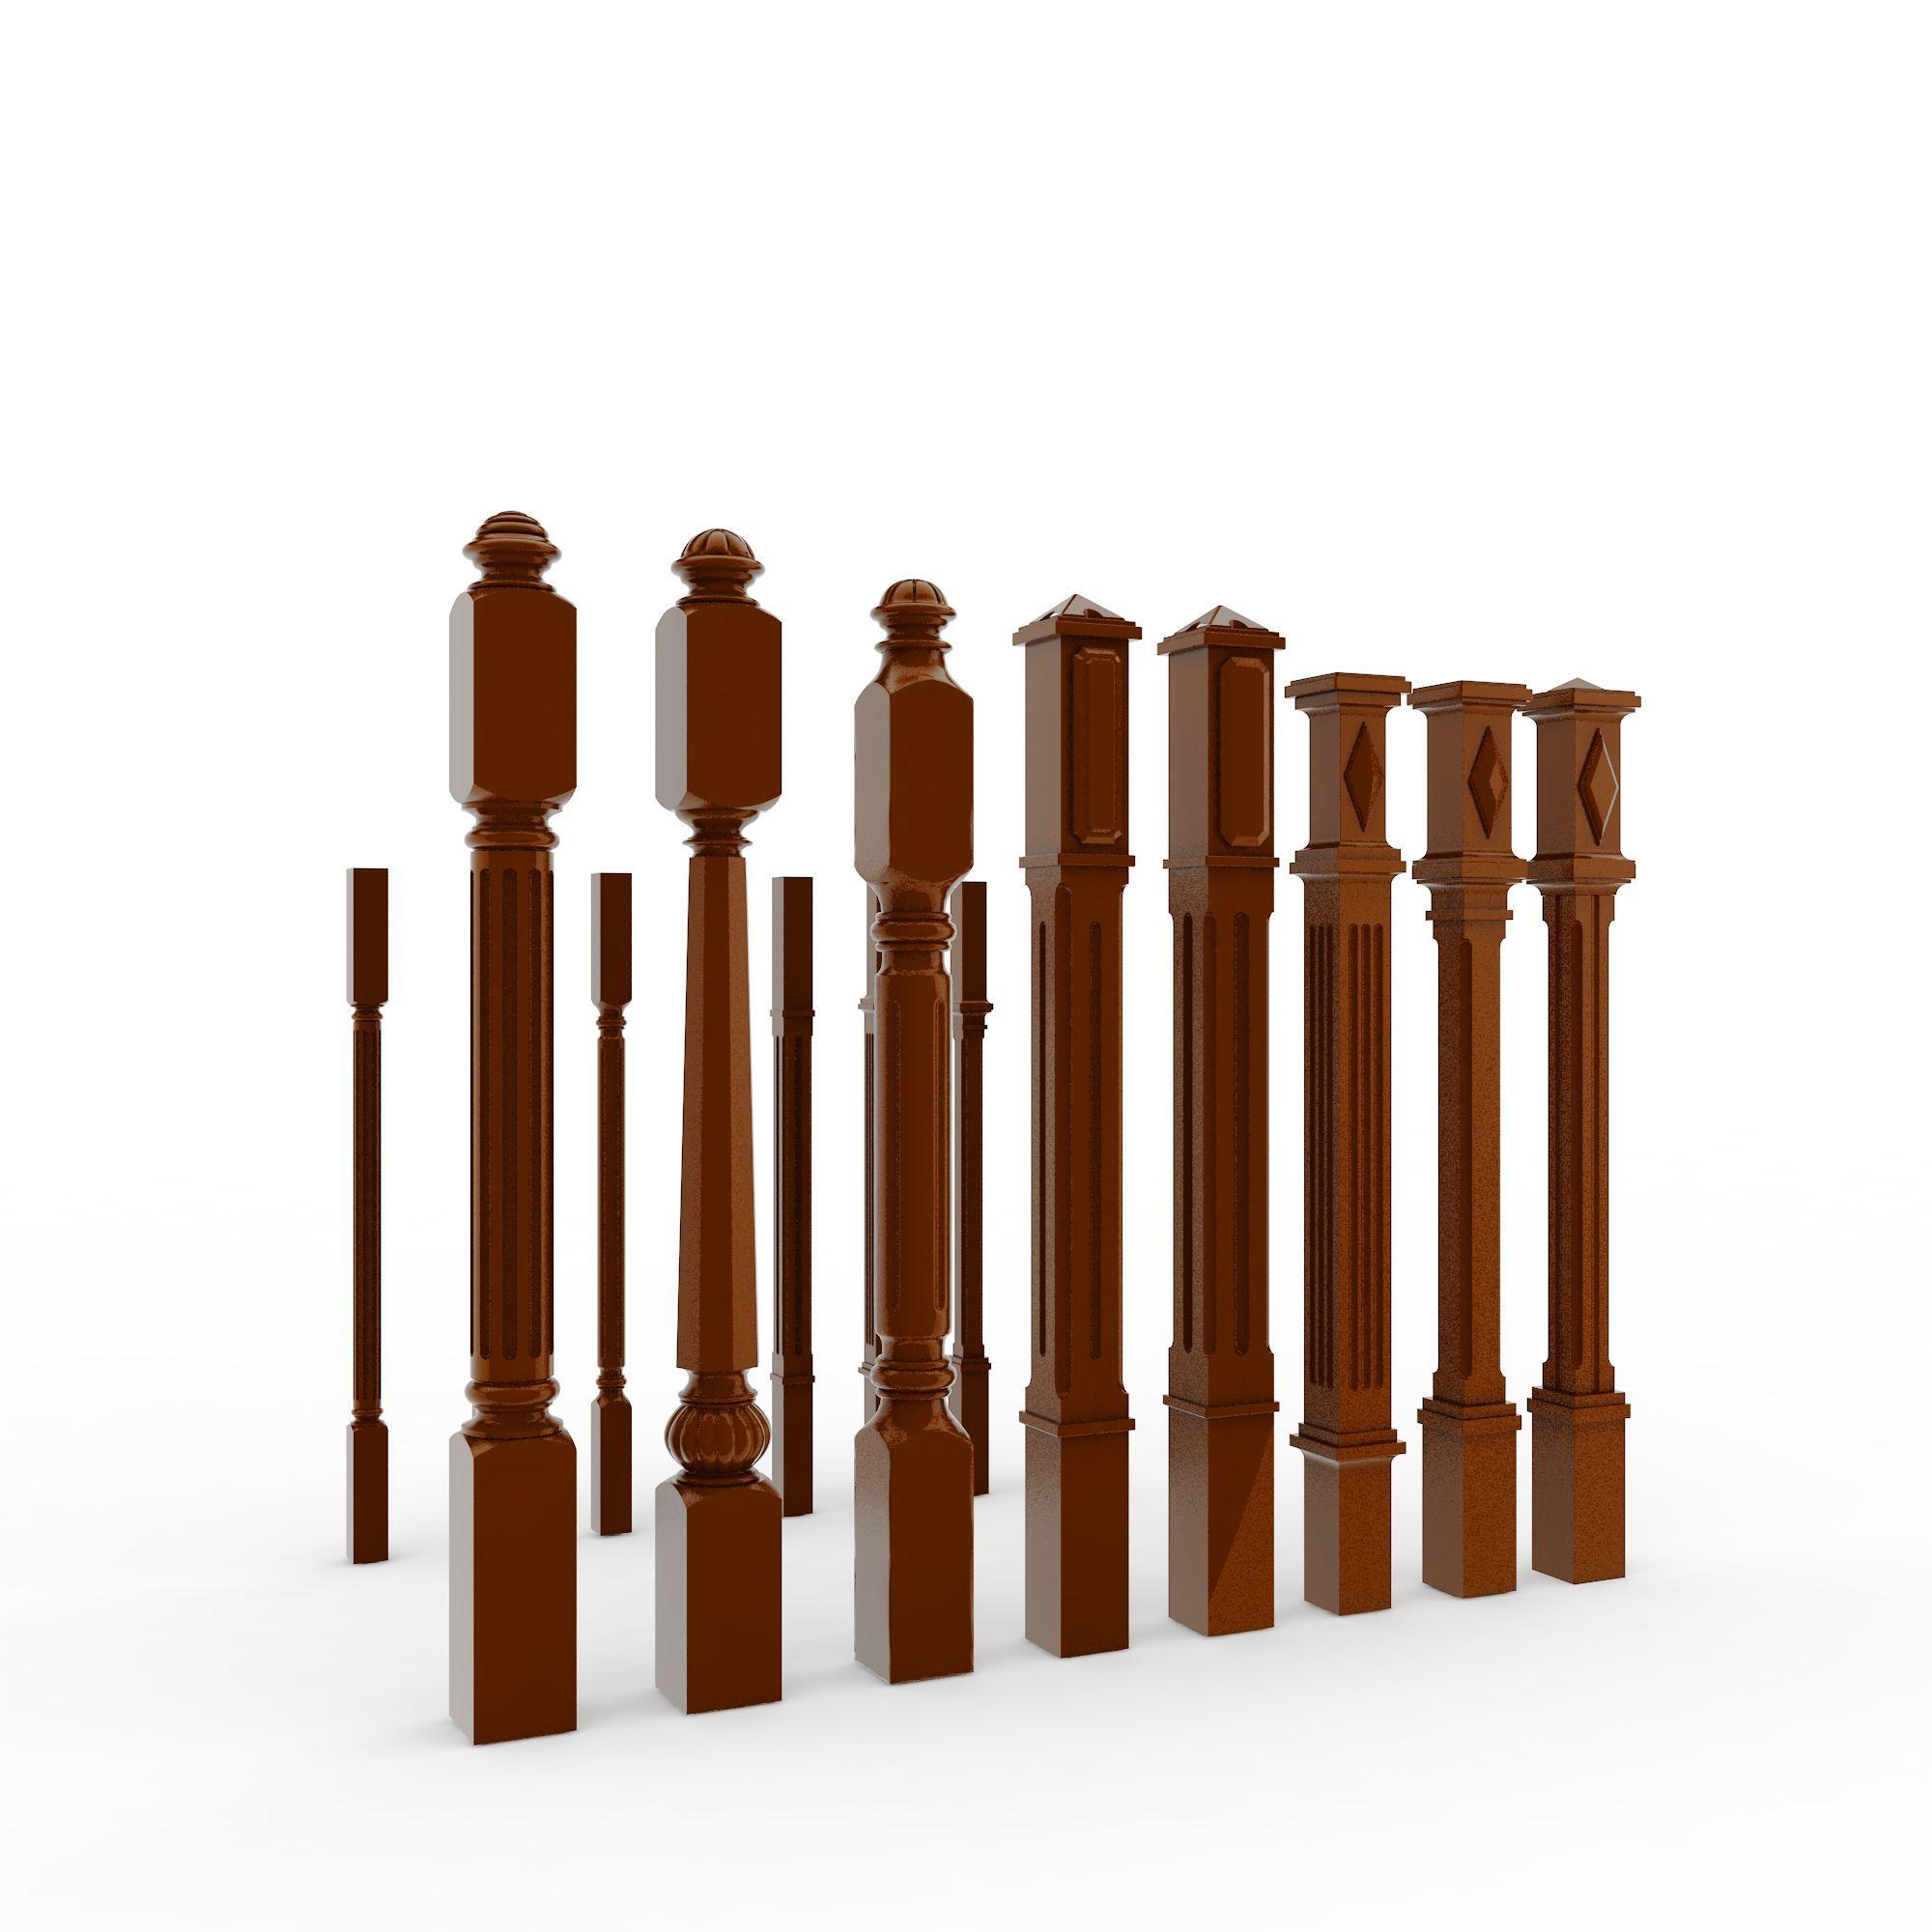 上传时间 2015/12/23  关键词:木质栏杆3d模型现代实木栏杆3d模型欧式